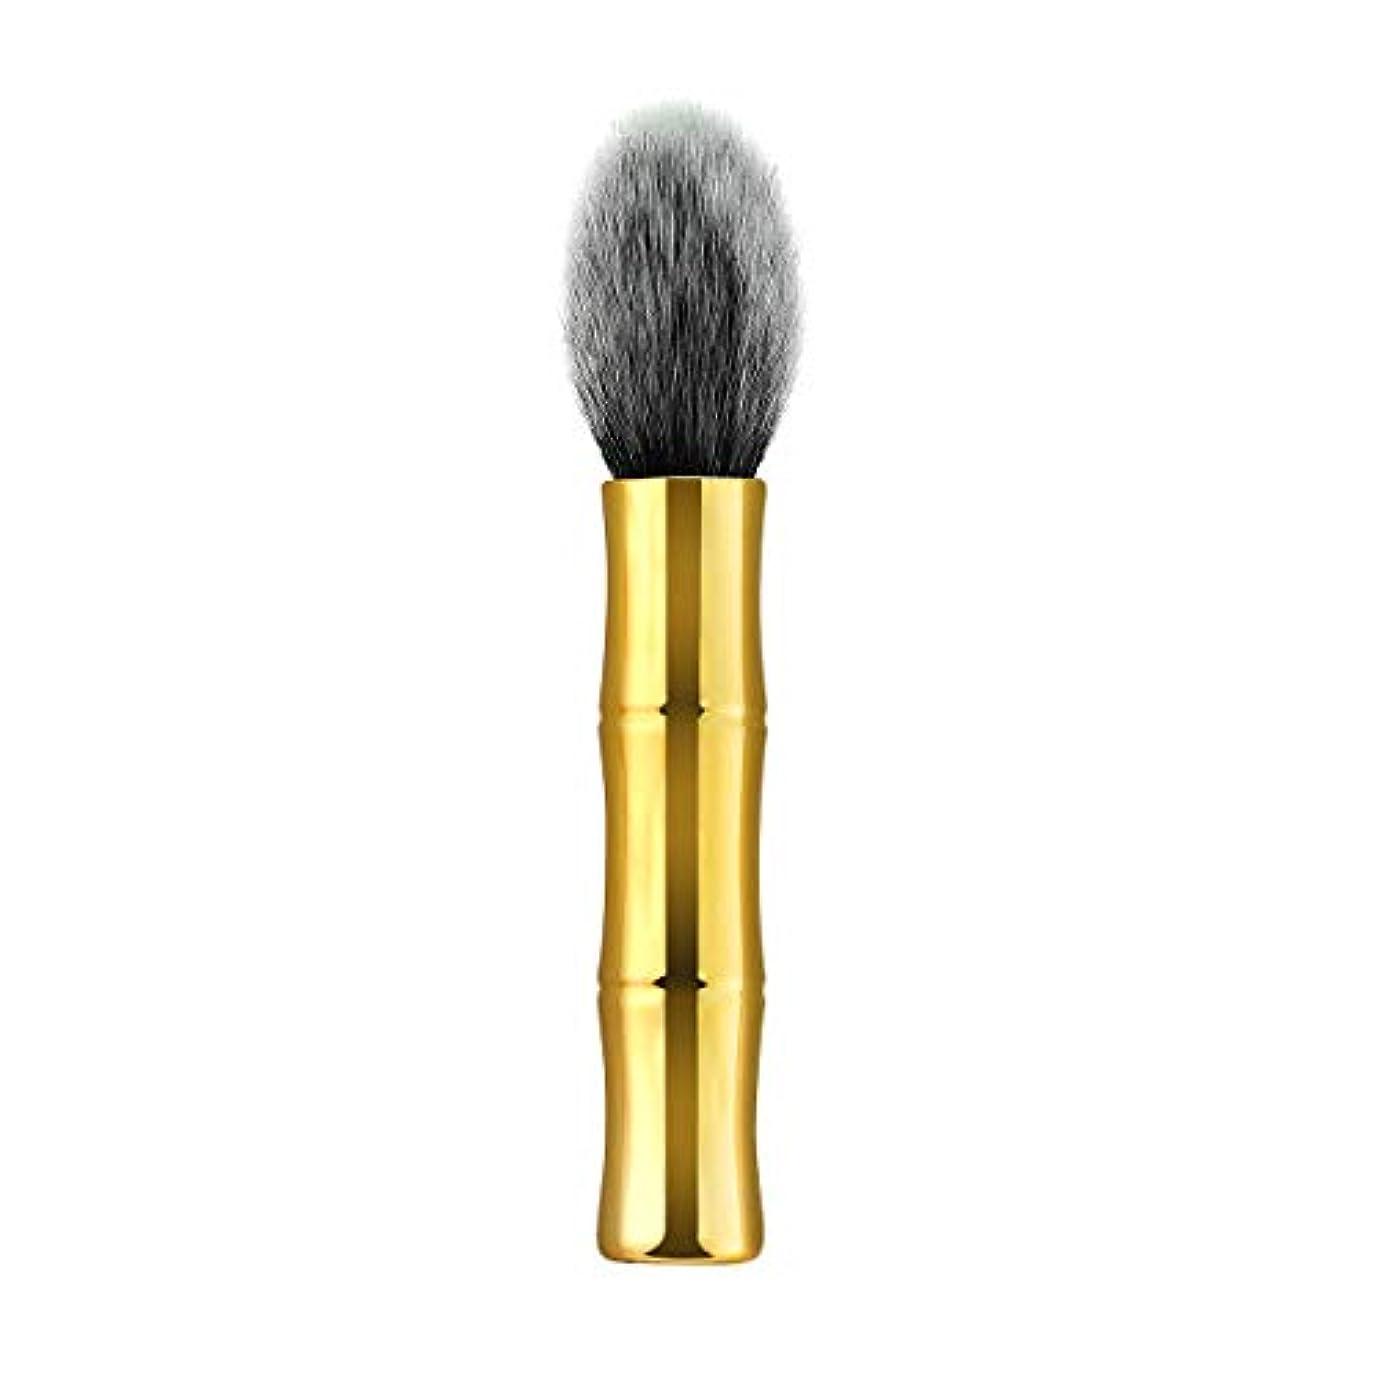 支給キャストセンチメートルLurrose 女性のためのソフトナイロン剛毛化粧ブラシ化粧品パウダーブラッシュブラシ(TM-104)を処理します。